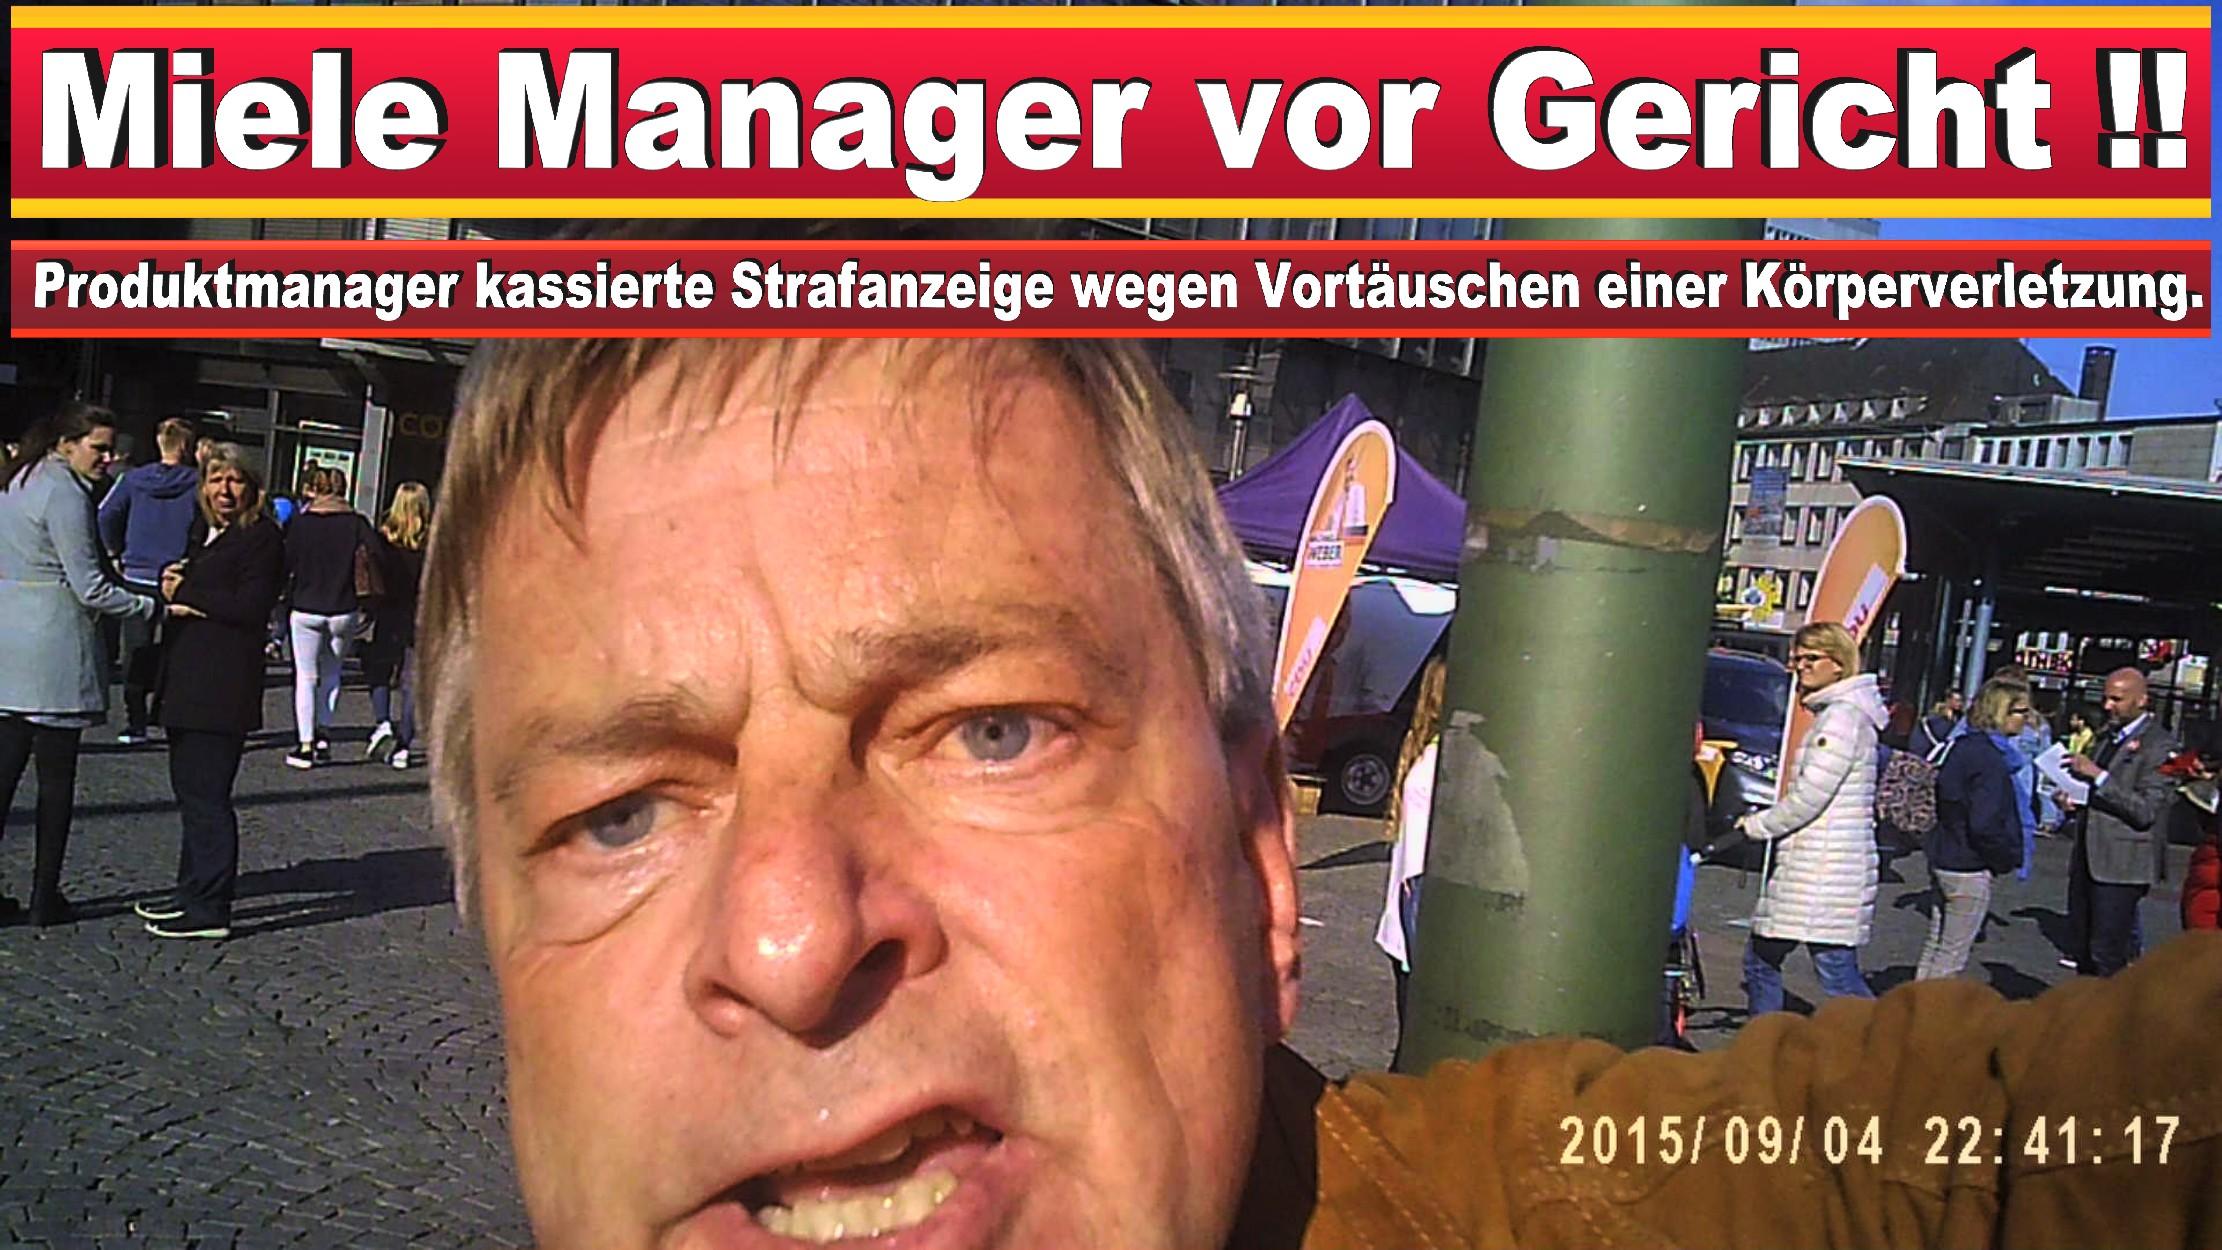 CDU BIELEFELD POLIZEIGEWALT GEWALTAUSBRUCH UND STRAFANZEIGE GEGEN EINEN JOURNALISTEN (2)